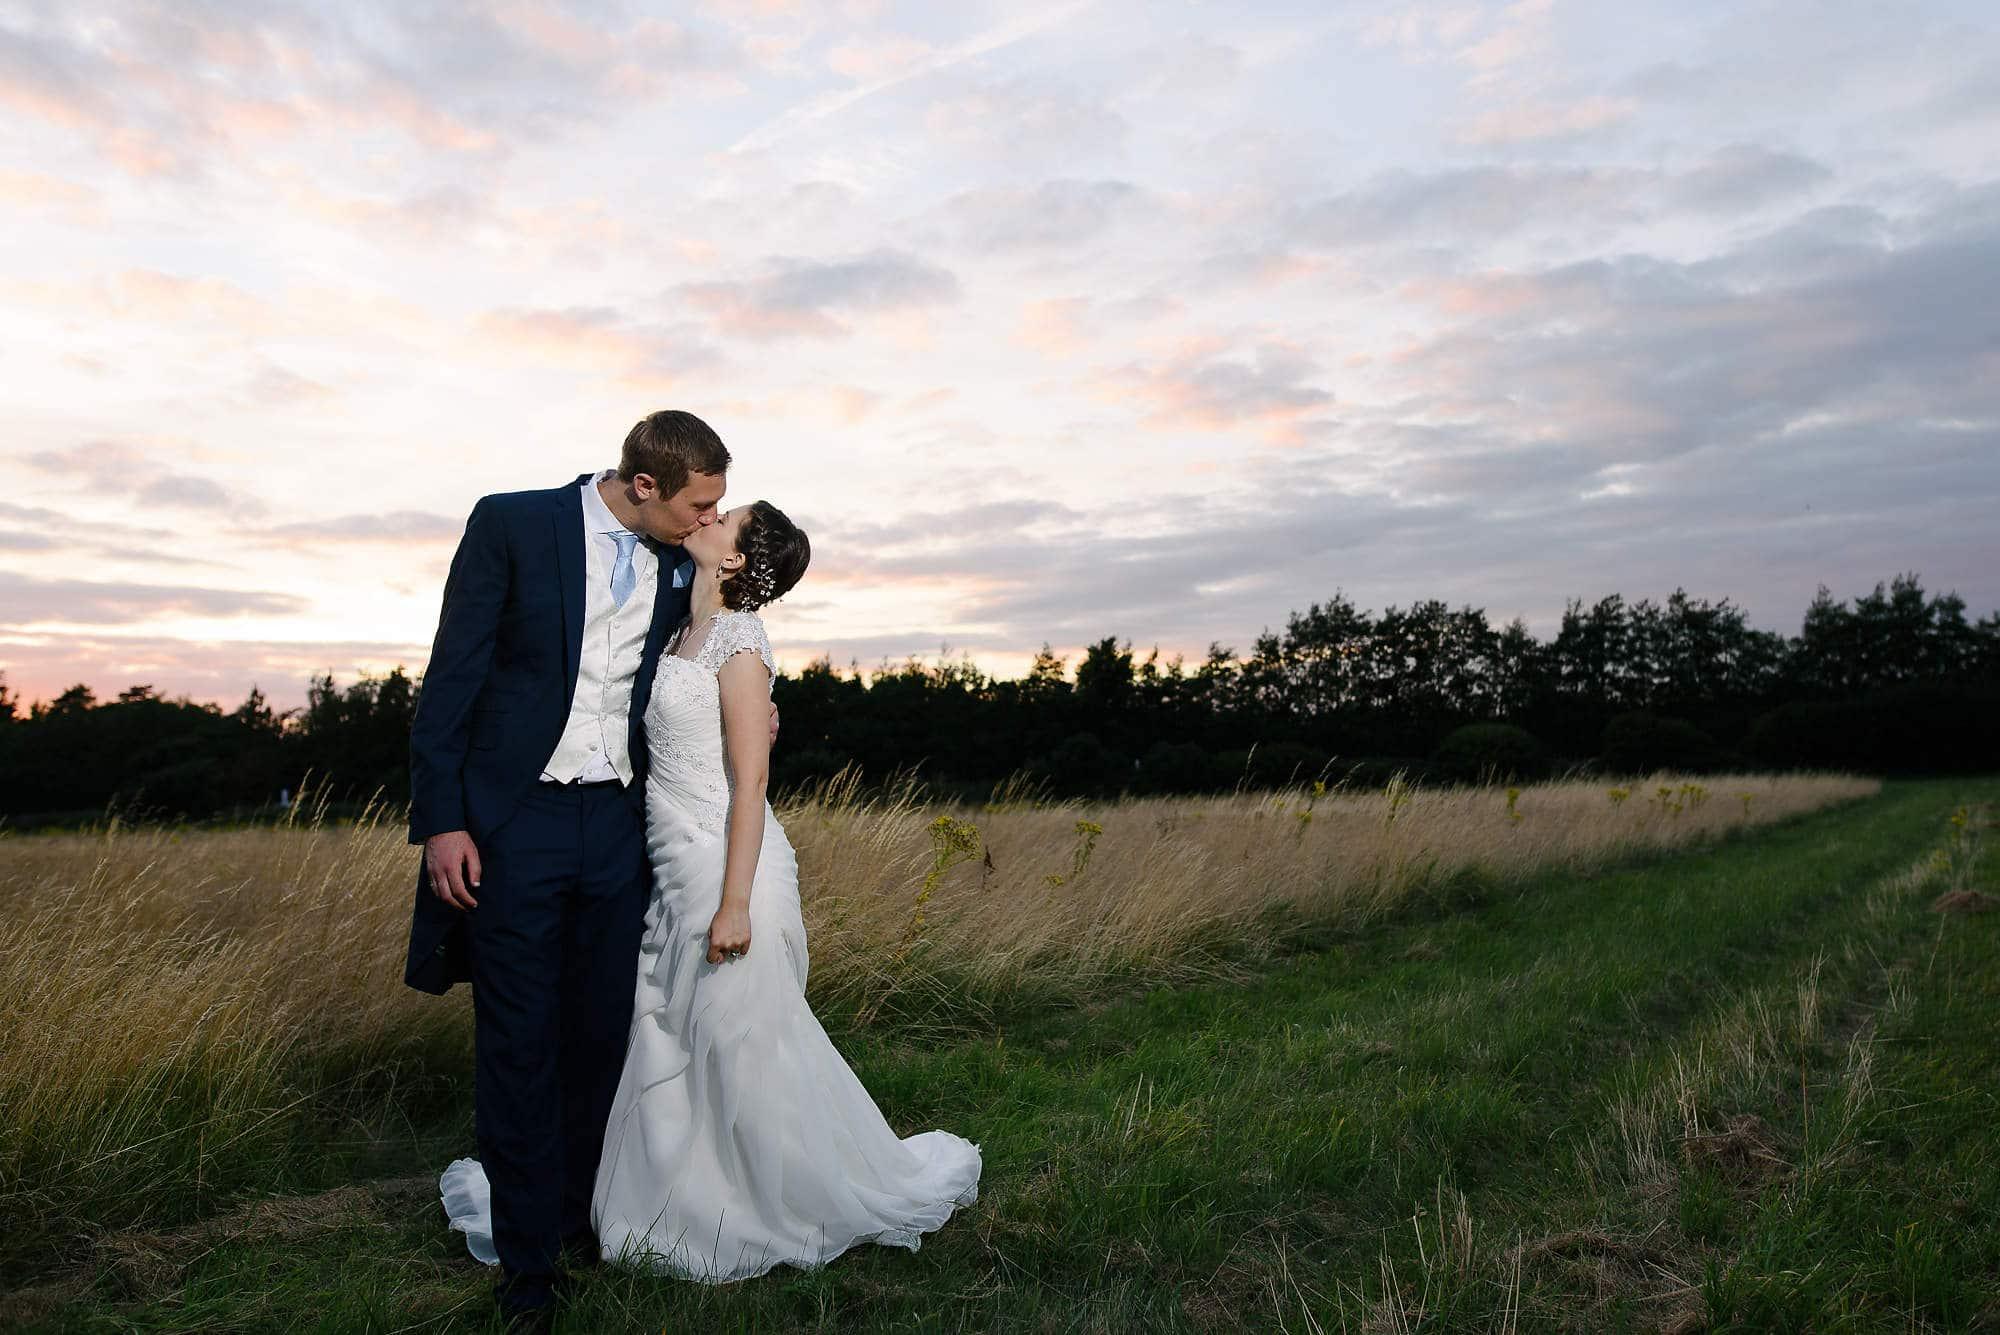 Matt & Natalie - Kings Lynn Wedding 13